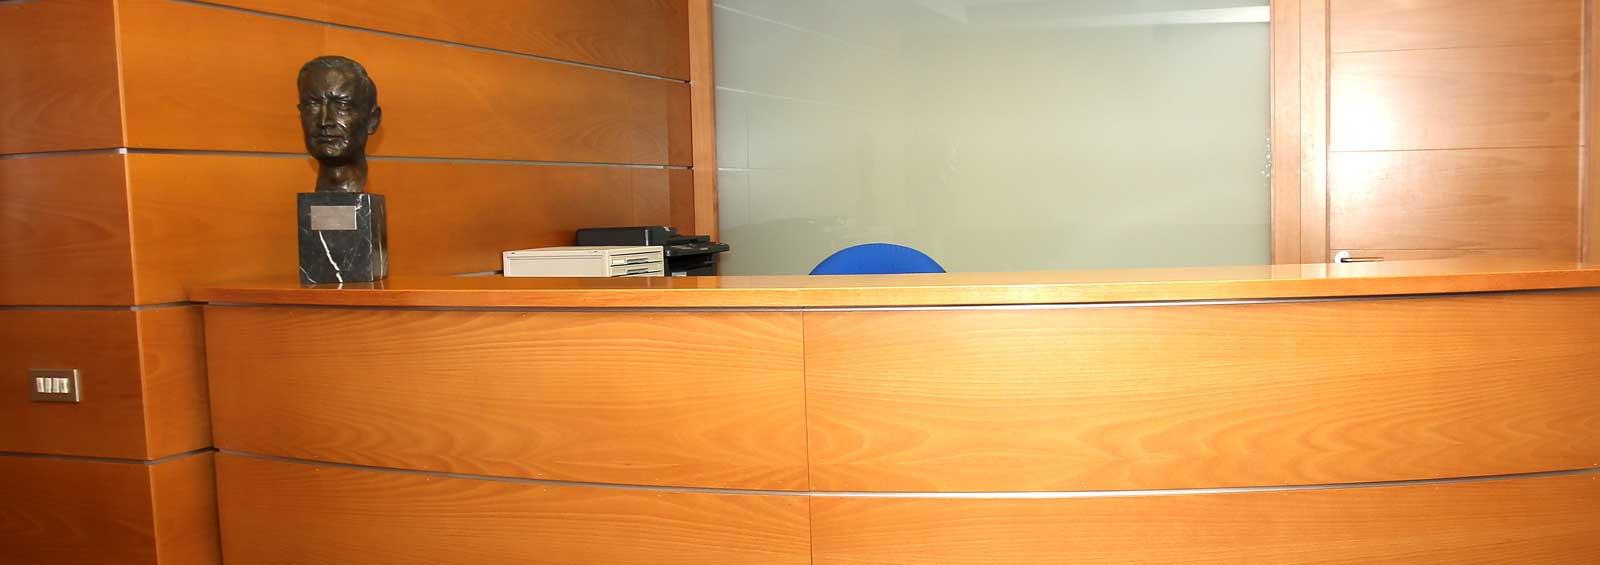 Recepcion Despacho